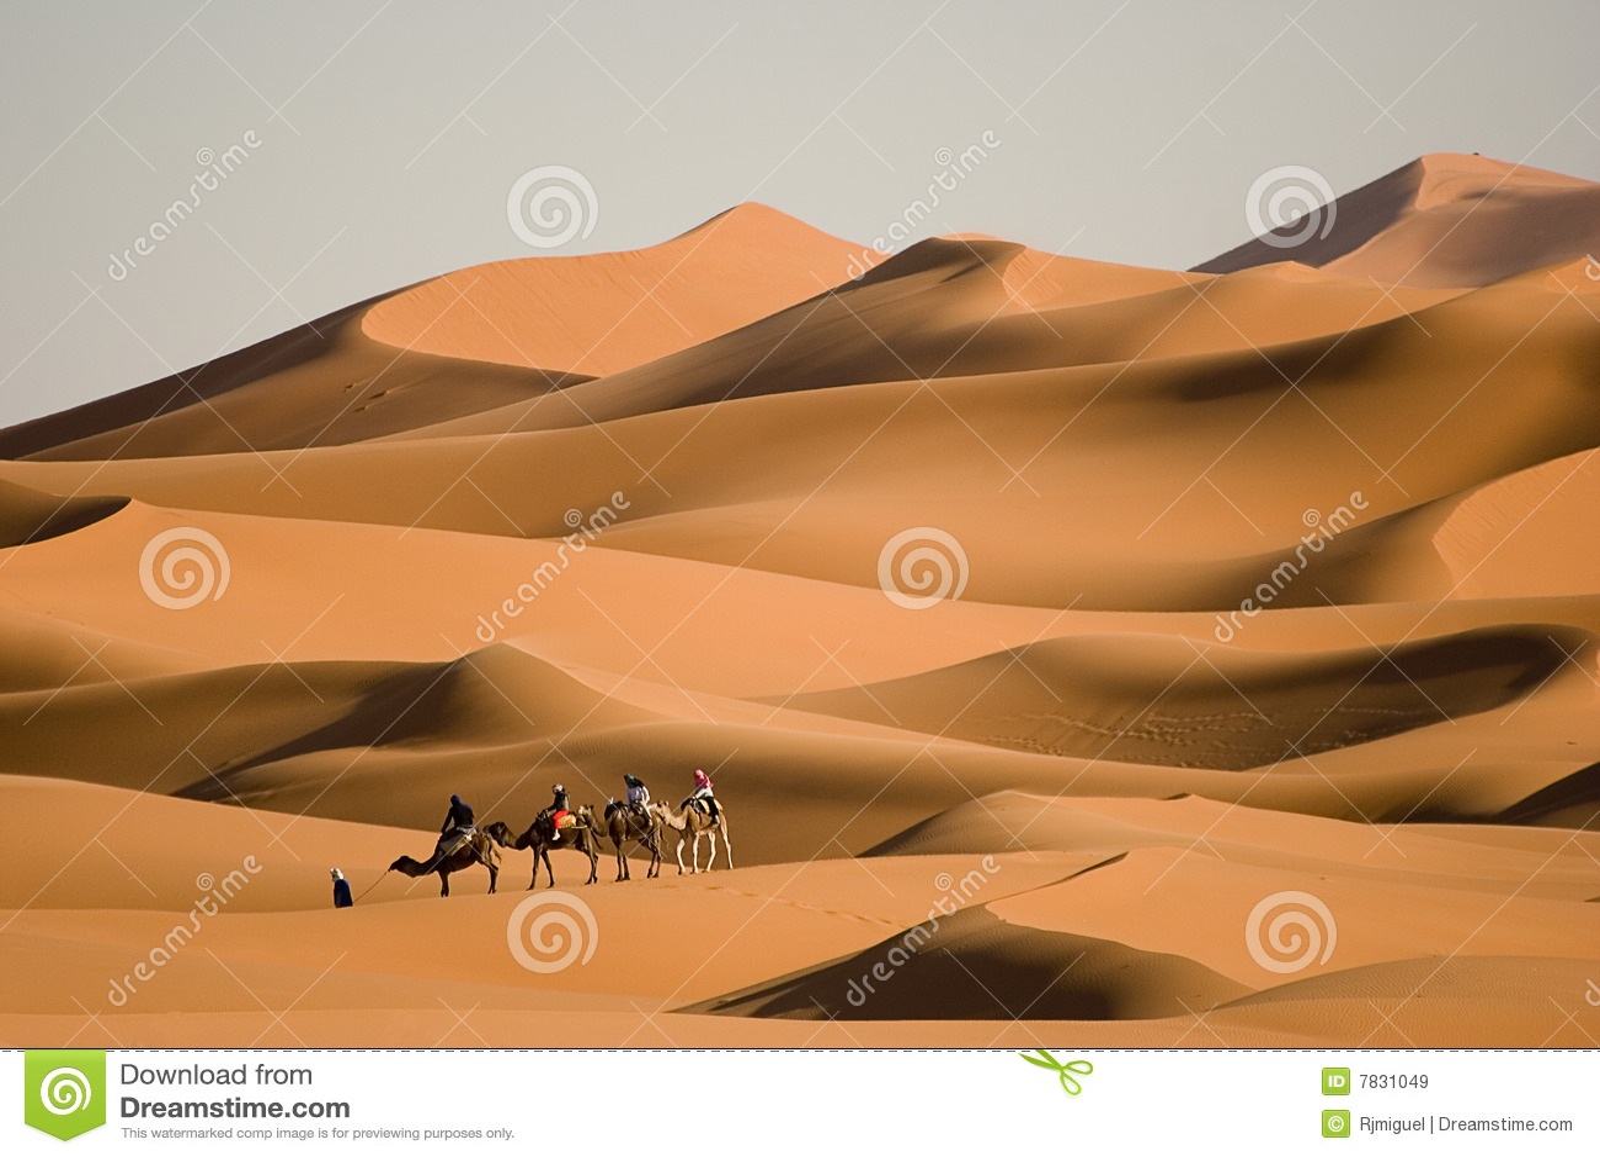 Walk in the desert